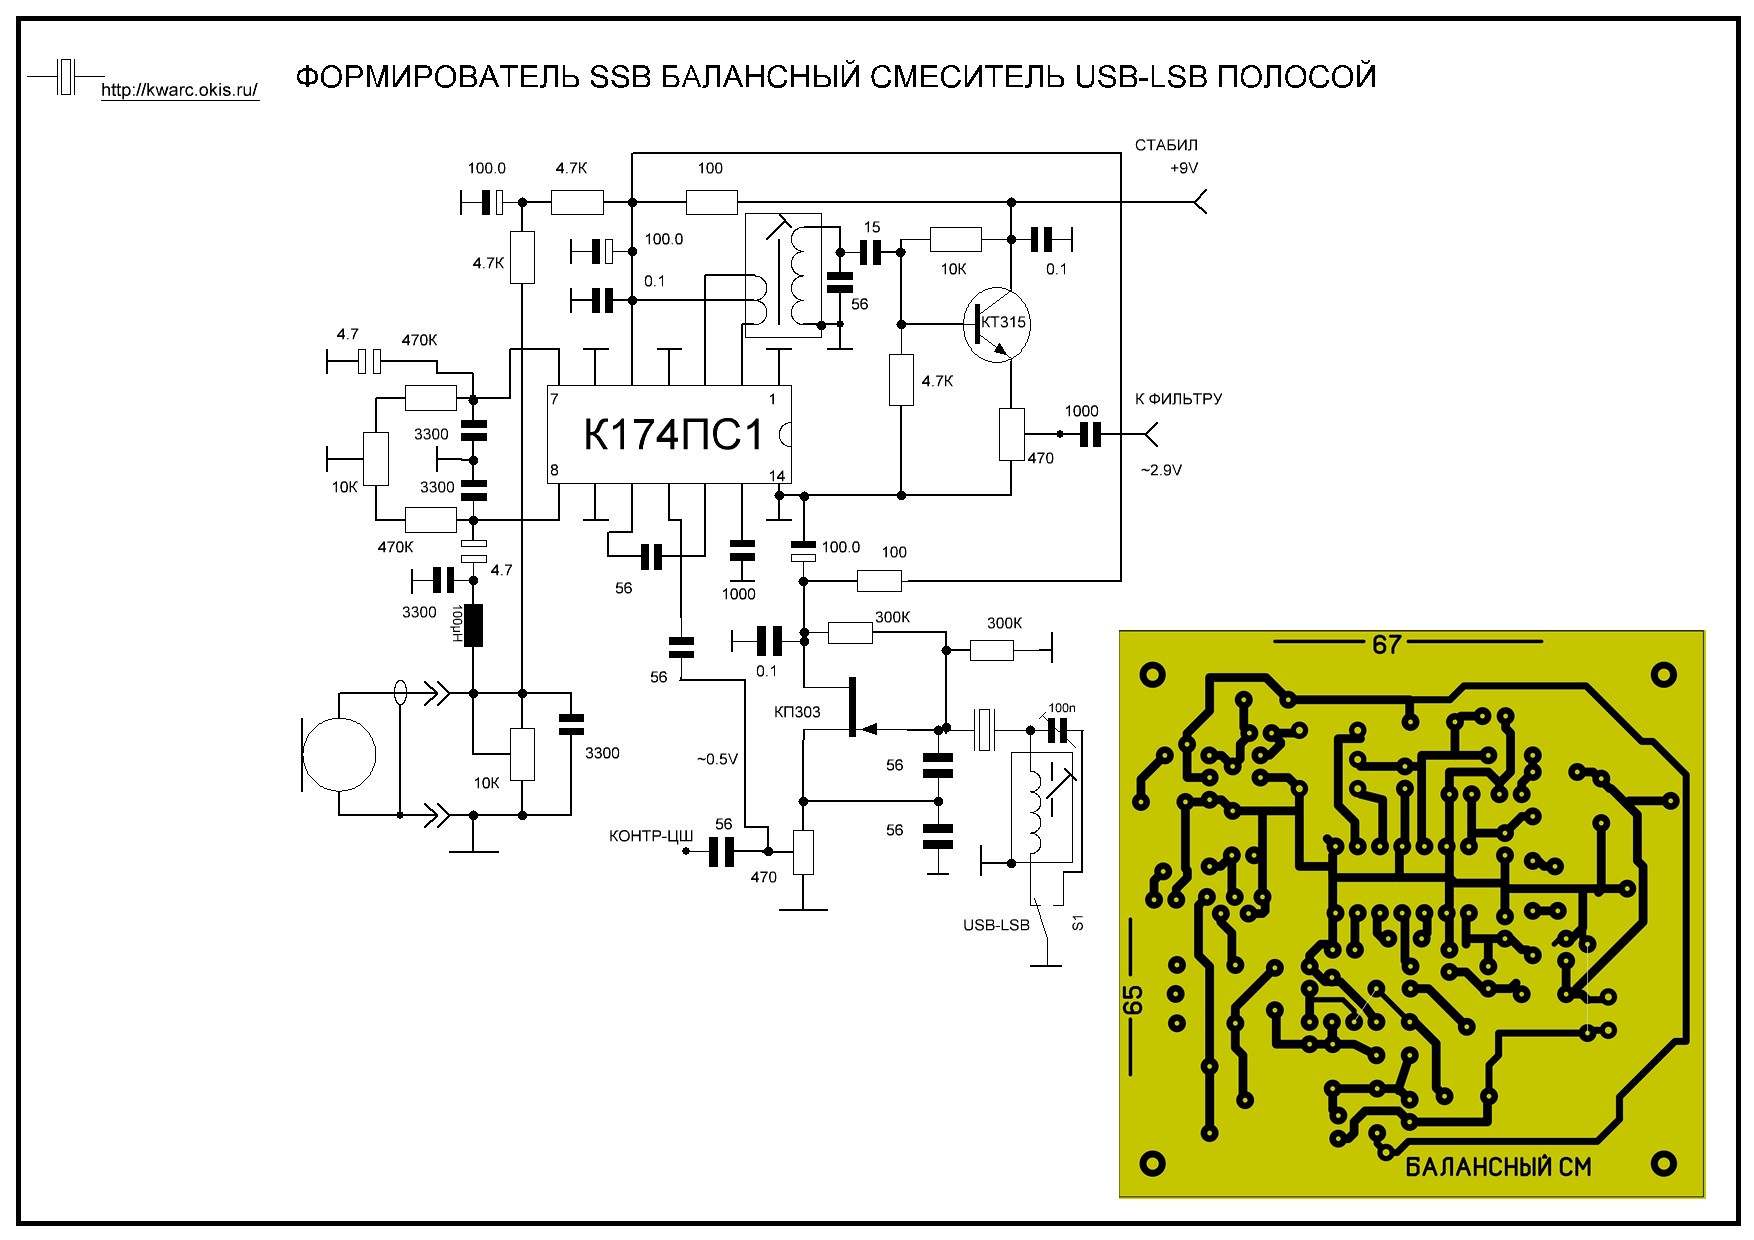 Схема приемника. Подборка простых схем приемников УКВ 47